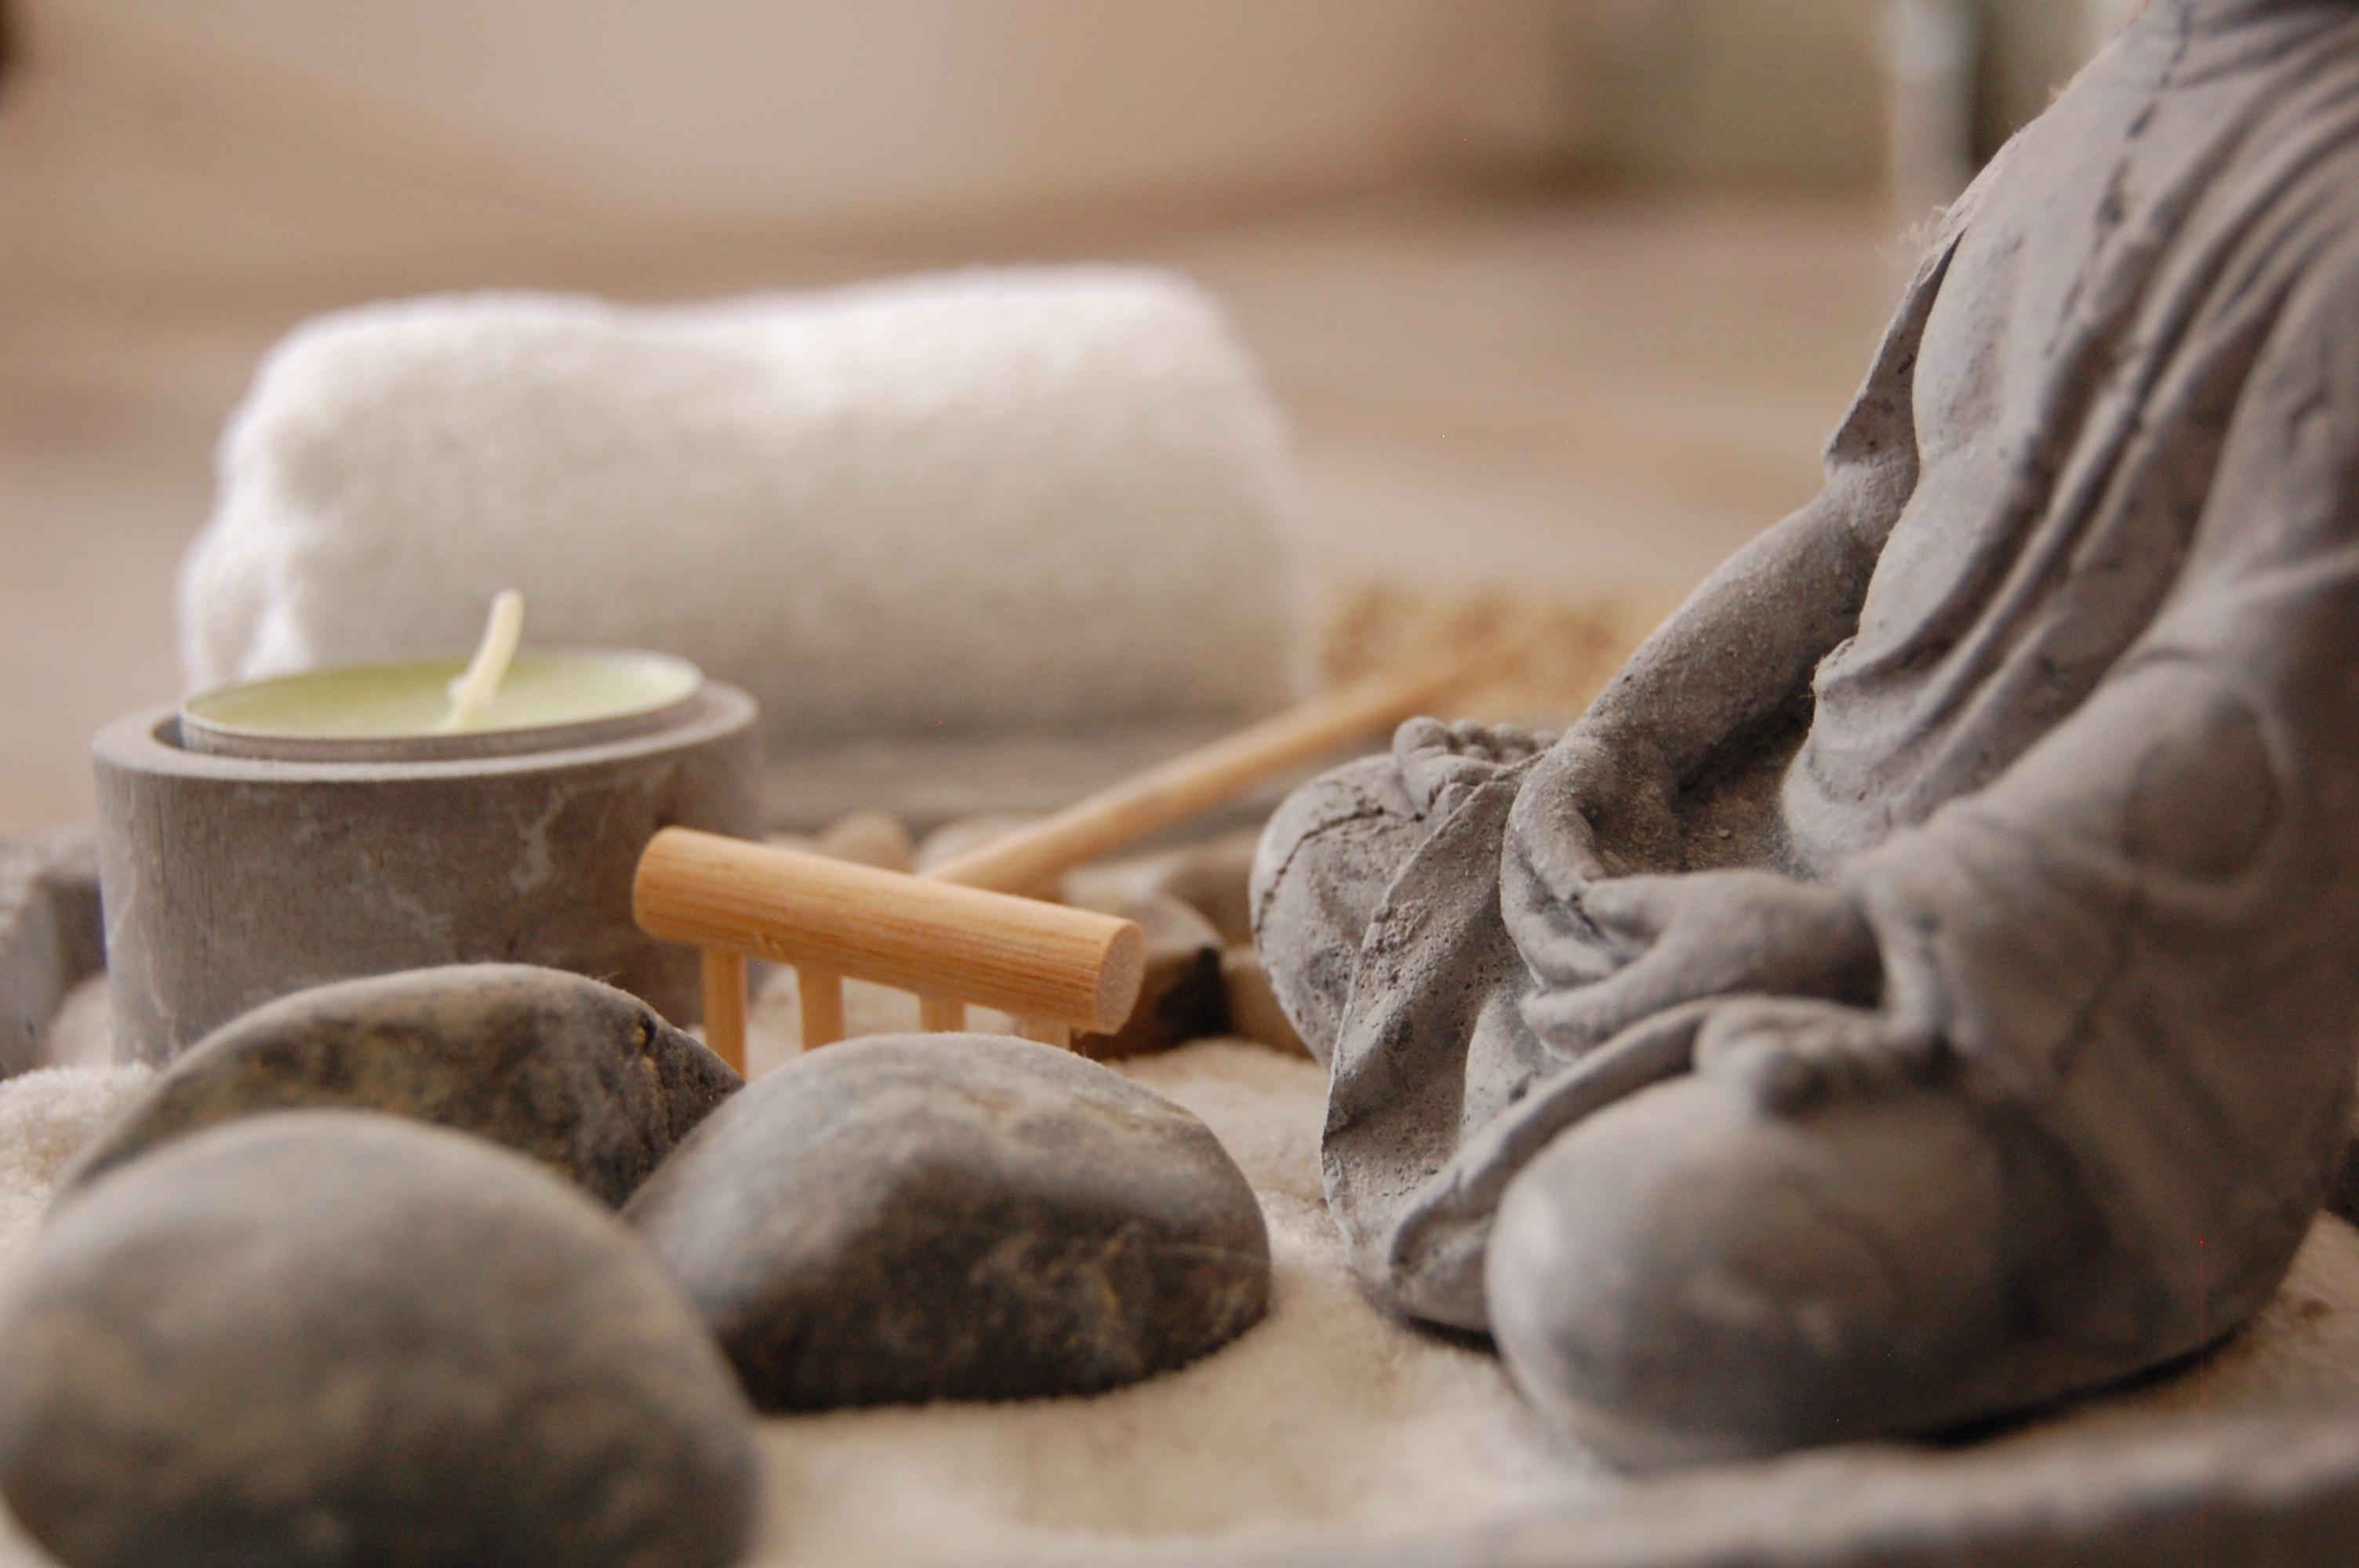 ambiance zen permettant le centrage sur soi